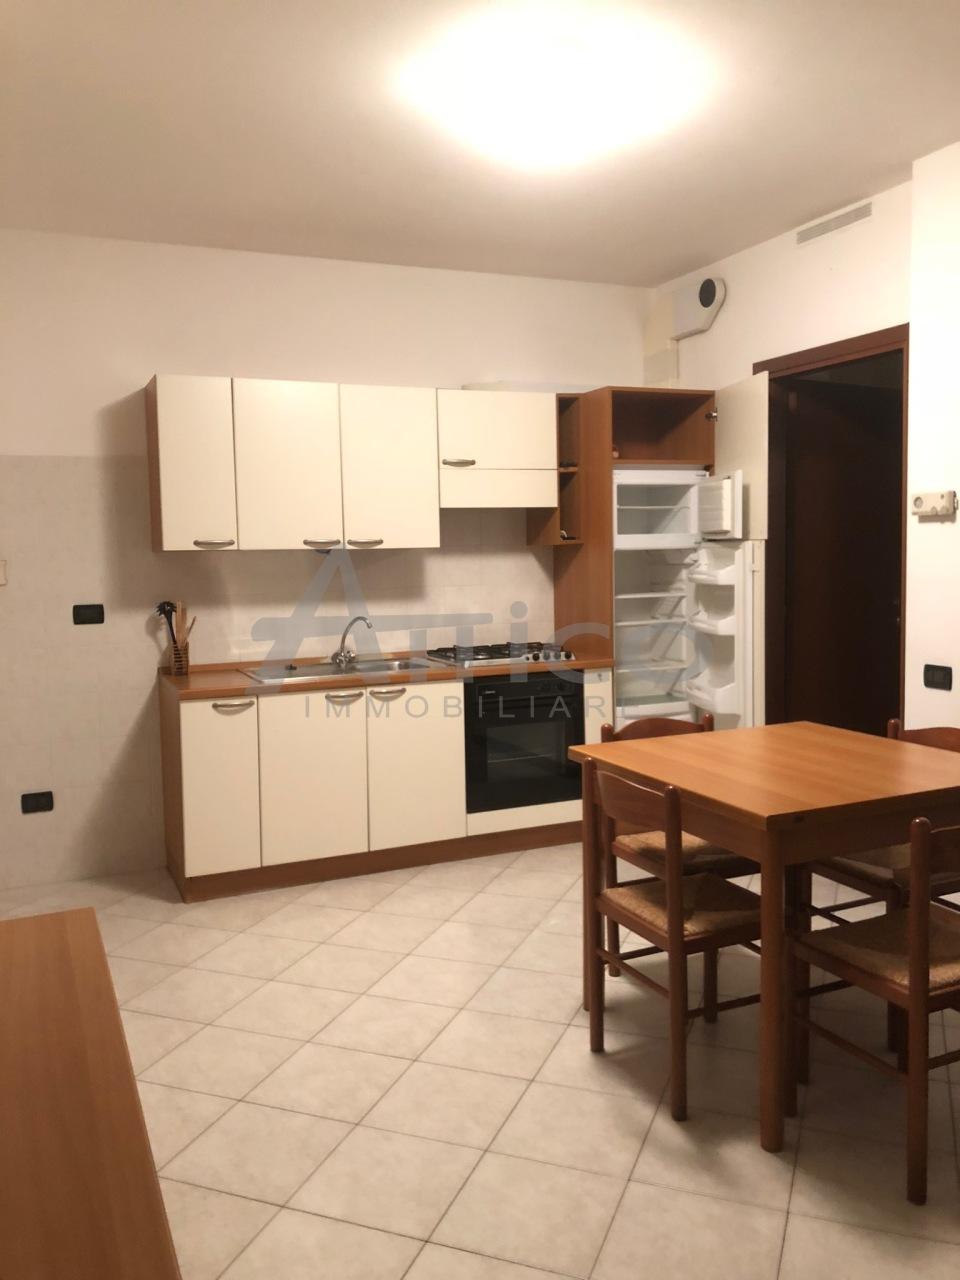 Bilocale in buone condizioni in affitto Rif. 7409183